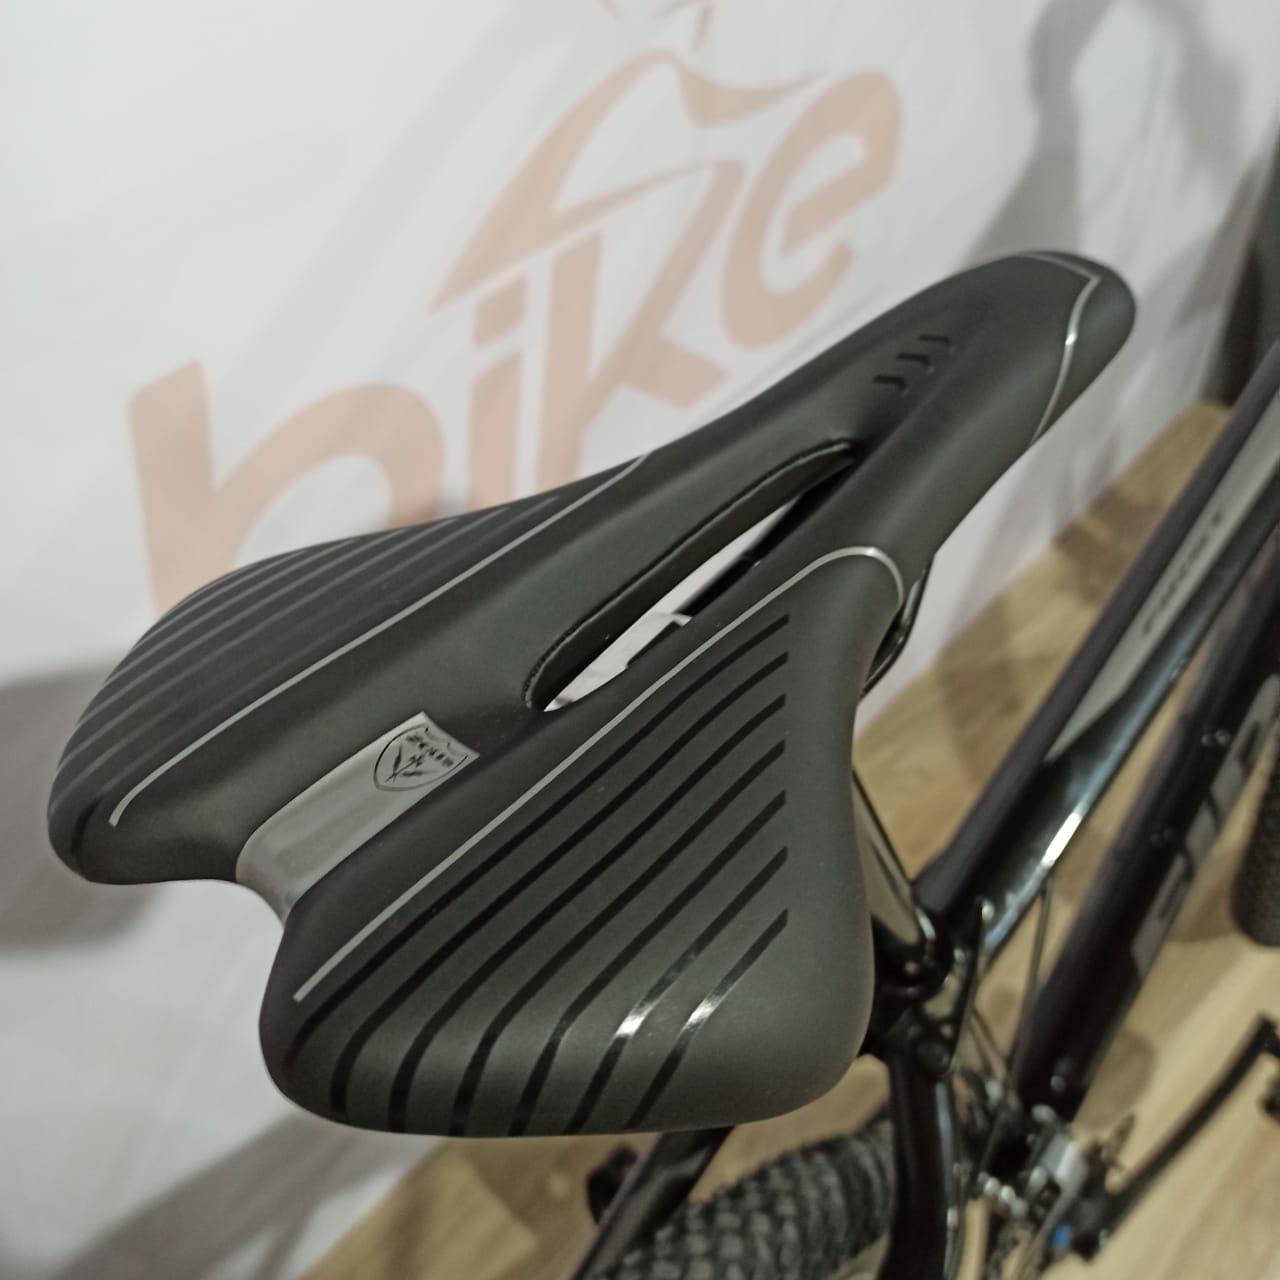 Bicicleta FIRST Smitt aro 29 - 16v Shimano Altus - Freio Shimano Hidráulico - Suspensão GTA com trava no guidão